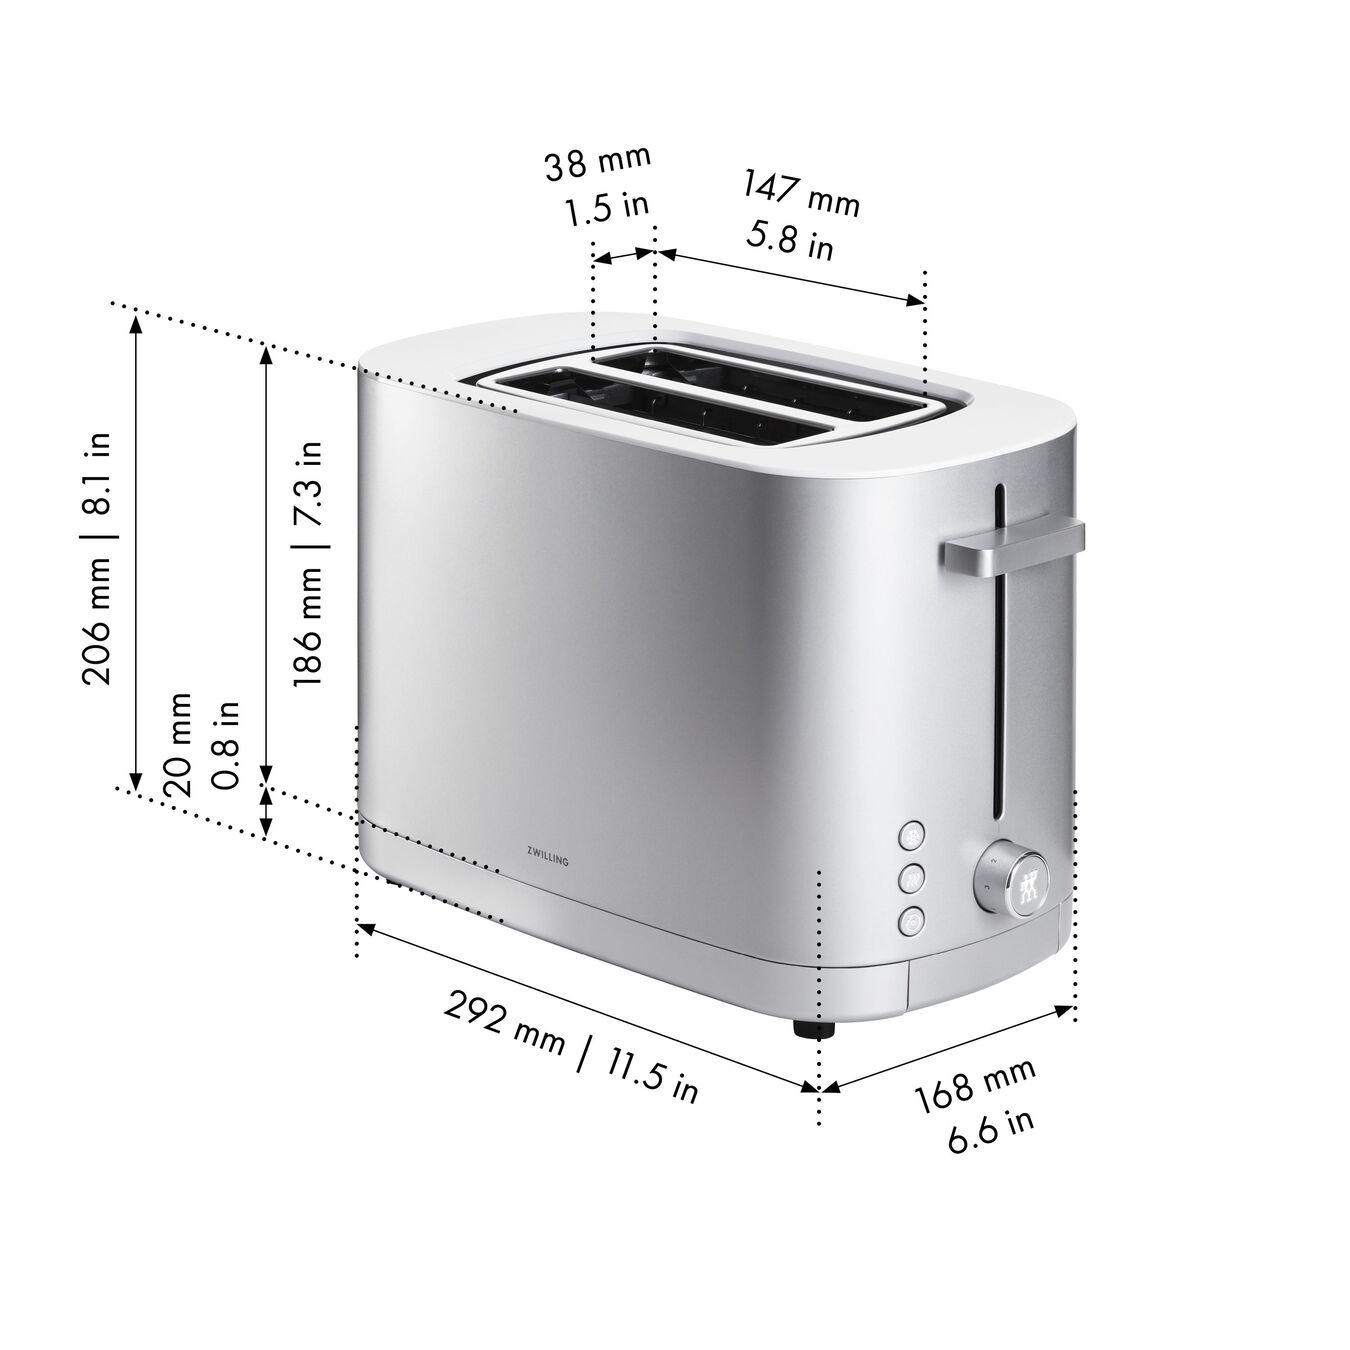 Ekmek Kızartma Makinesi çörek ısıtıcılı | 2 yuva 2 dilim,,large 7